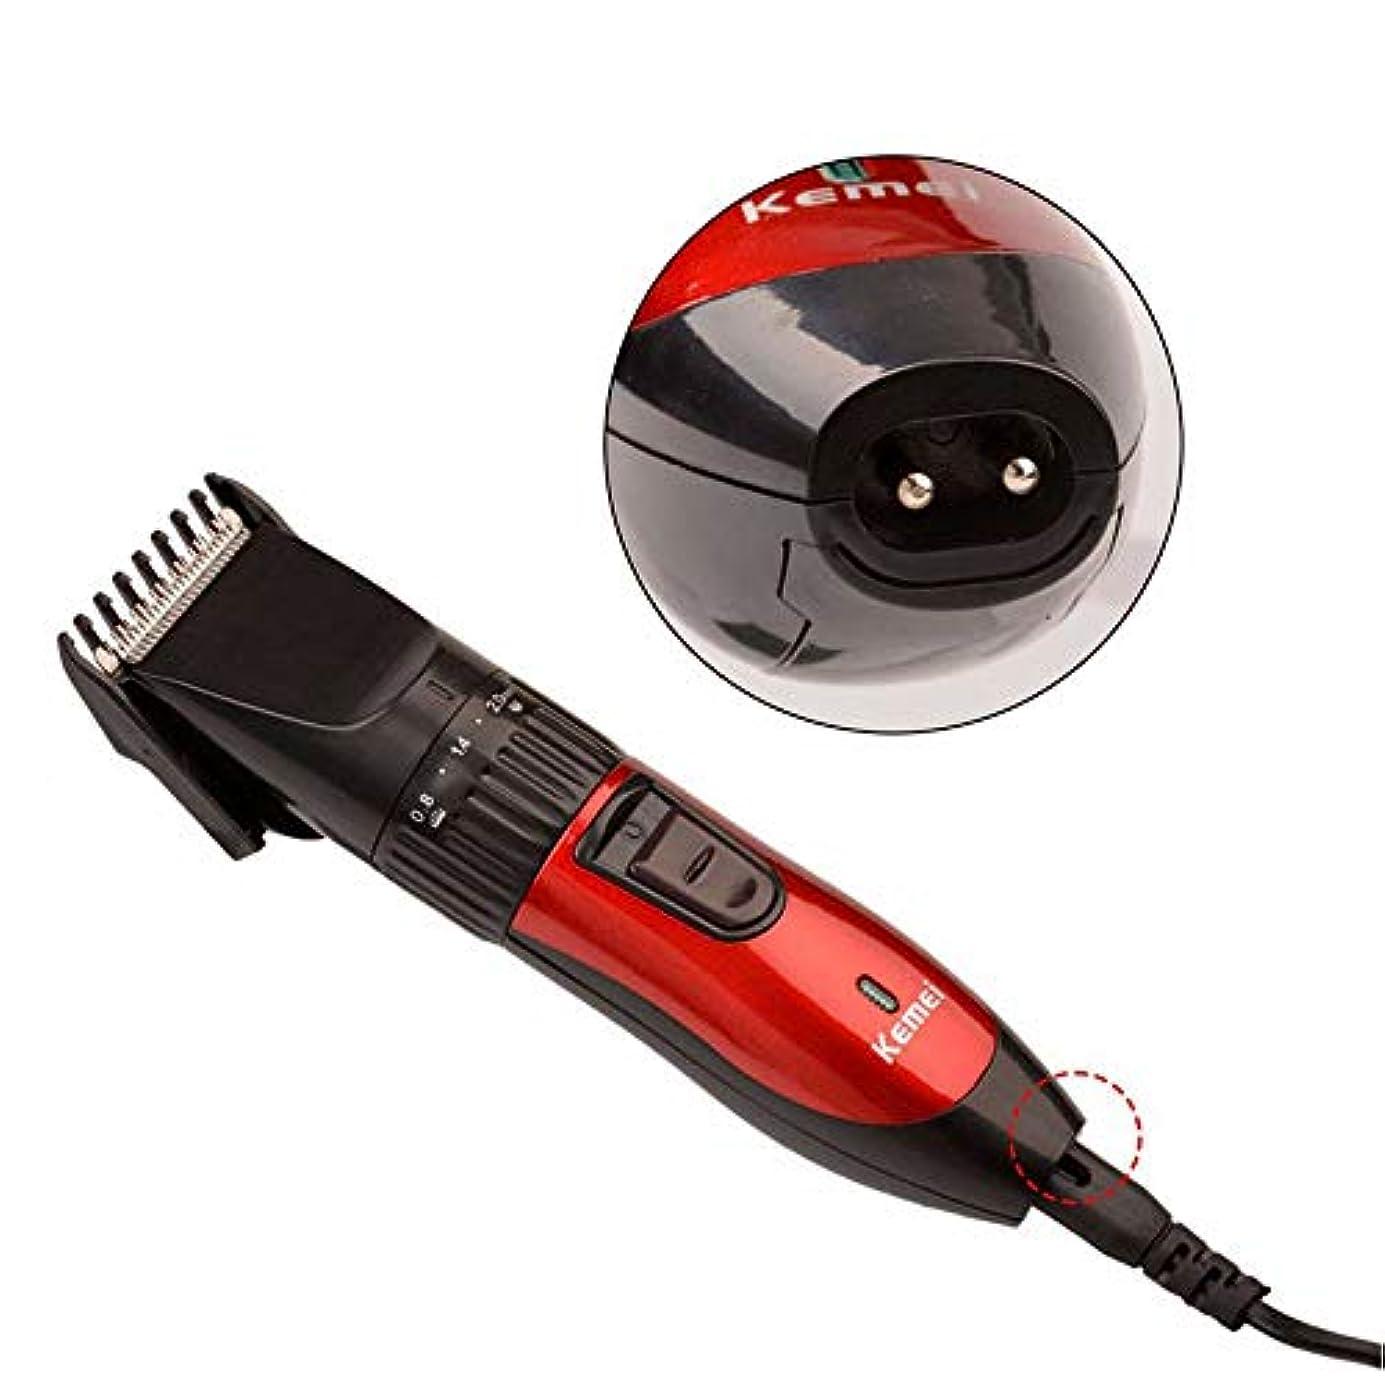 忌避剤レンズ切るバリカン、男性用のプロのヘアカットマシン散髪はさみ調節可能なヘアクリッパートリマーキット理髪理髪